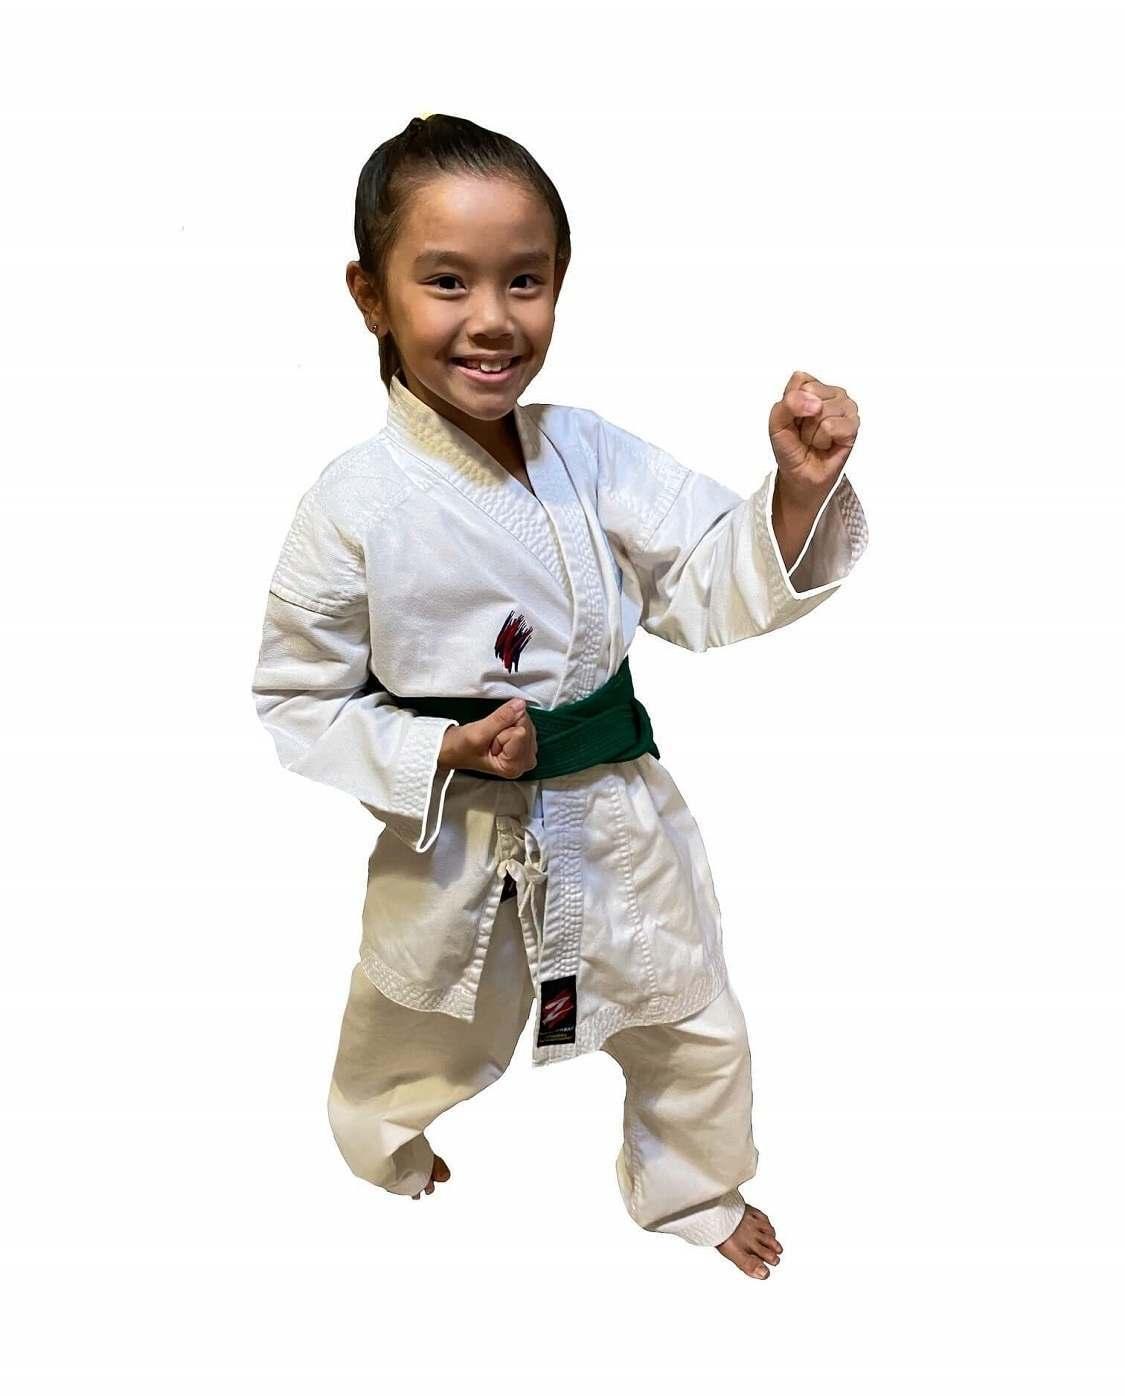 Webp.net Resizeimage, Oceanic Martial Arts Academy Townsville Queensland